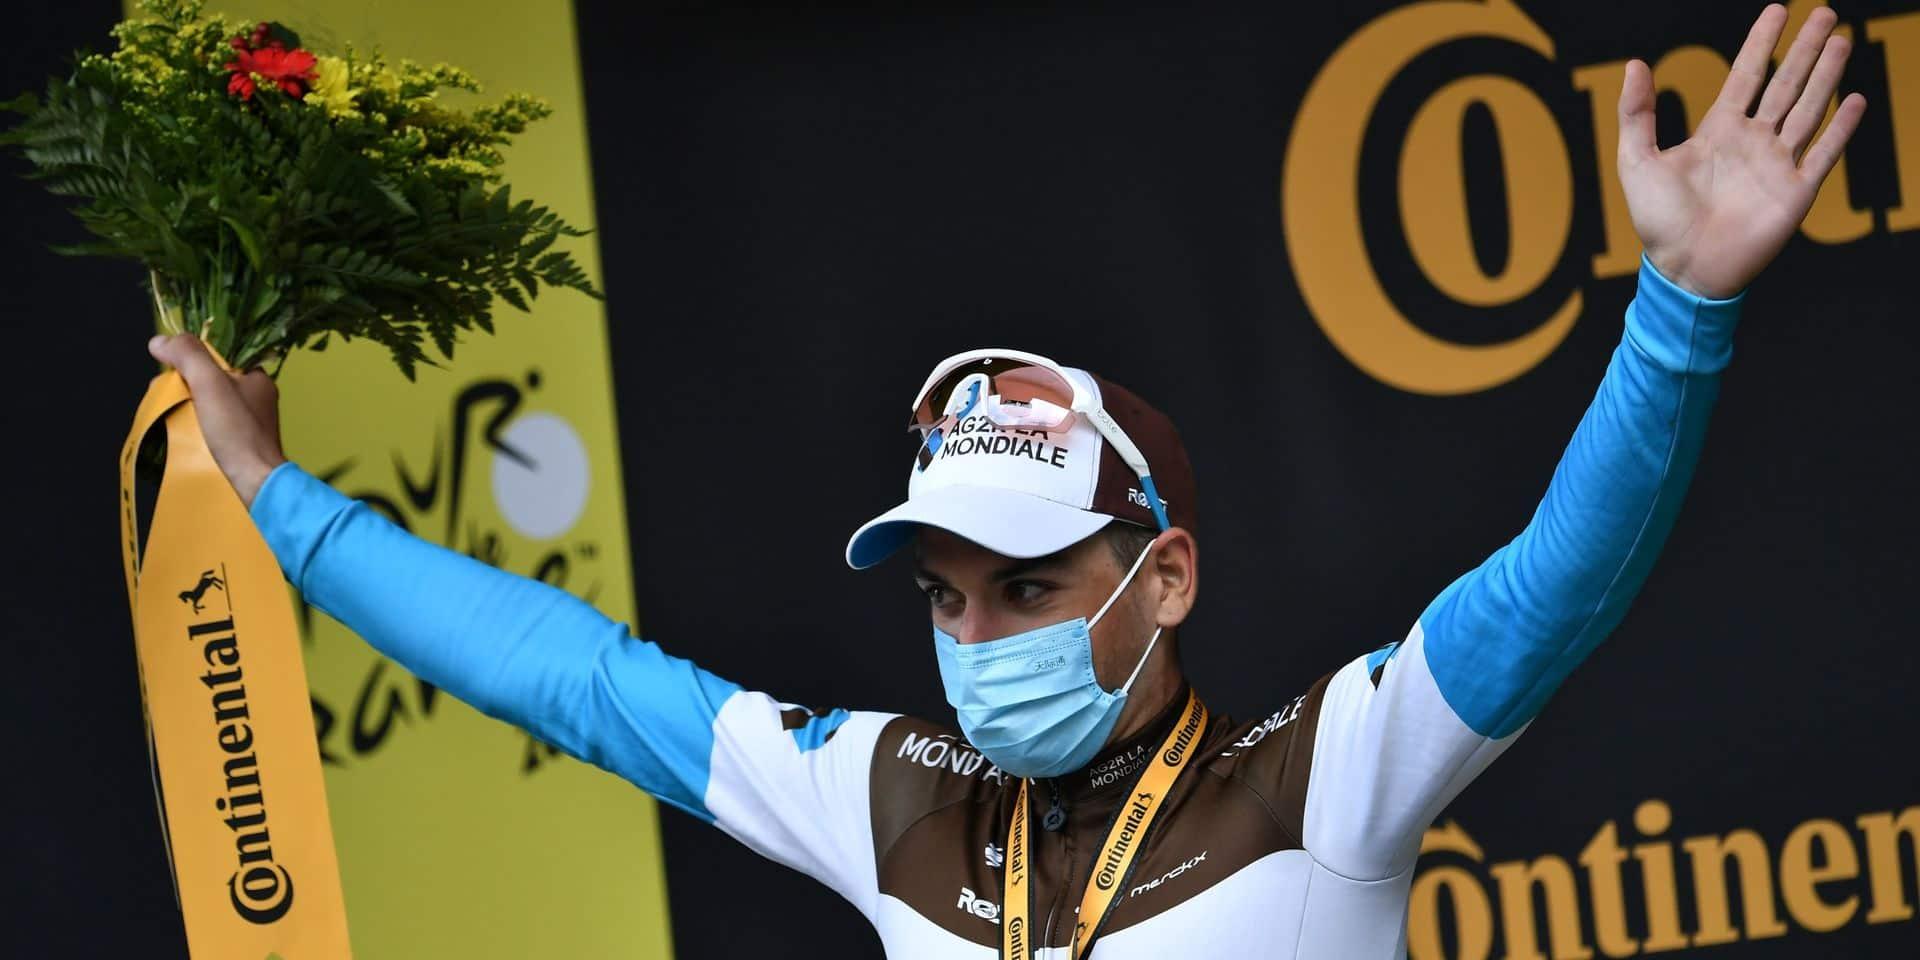 Après le Giro, le Tour: Nans Peters, l'homme des premières